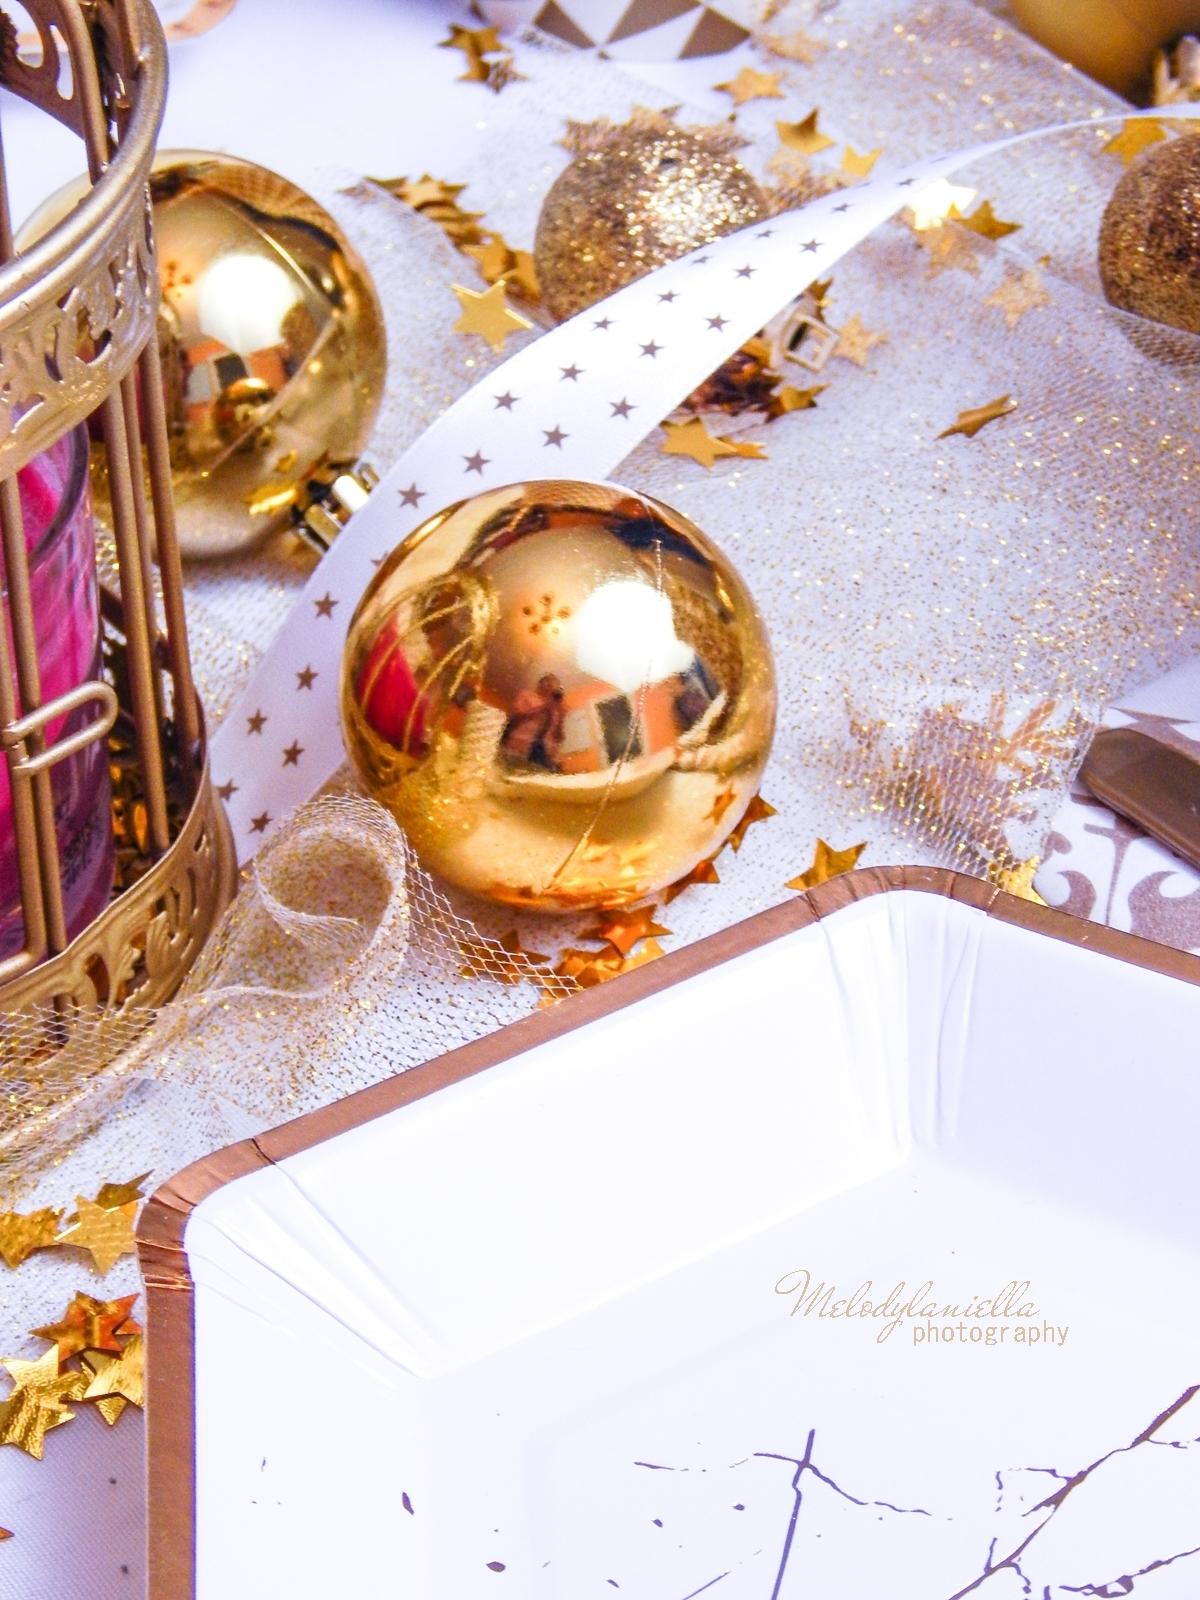 13 partybox pomysły na ciekawe udekorowanie stołu domu impreza ślub wesele ciekawe dodatki stół w kolorze złota melodylaniella